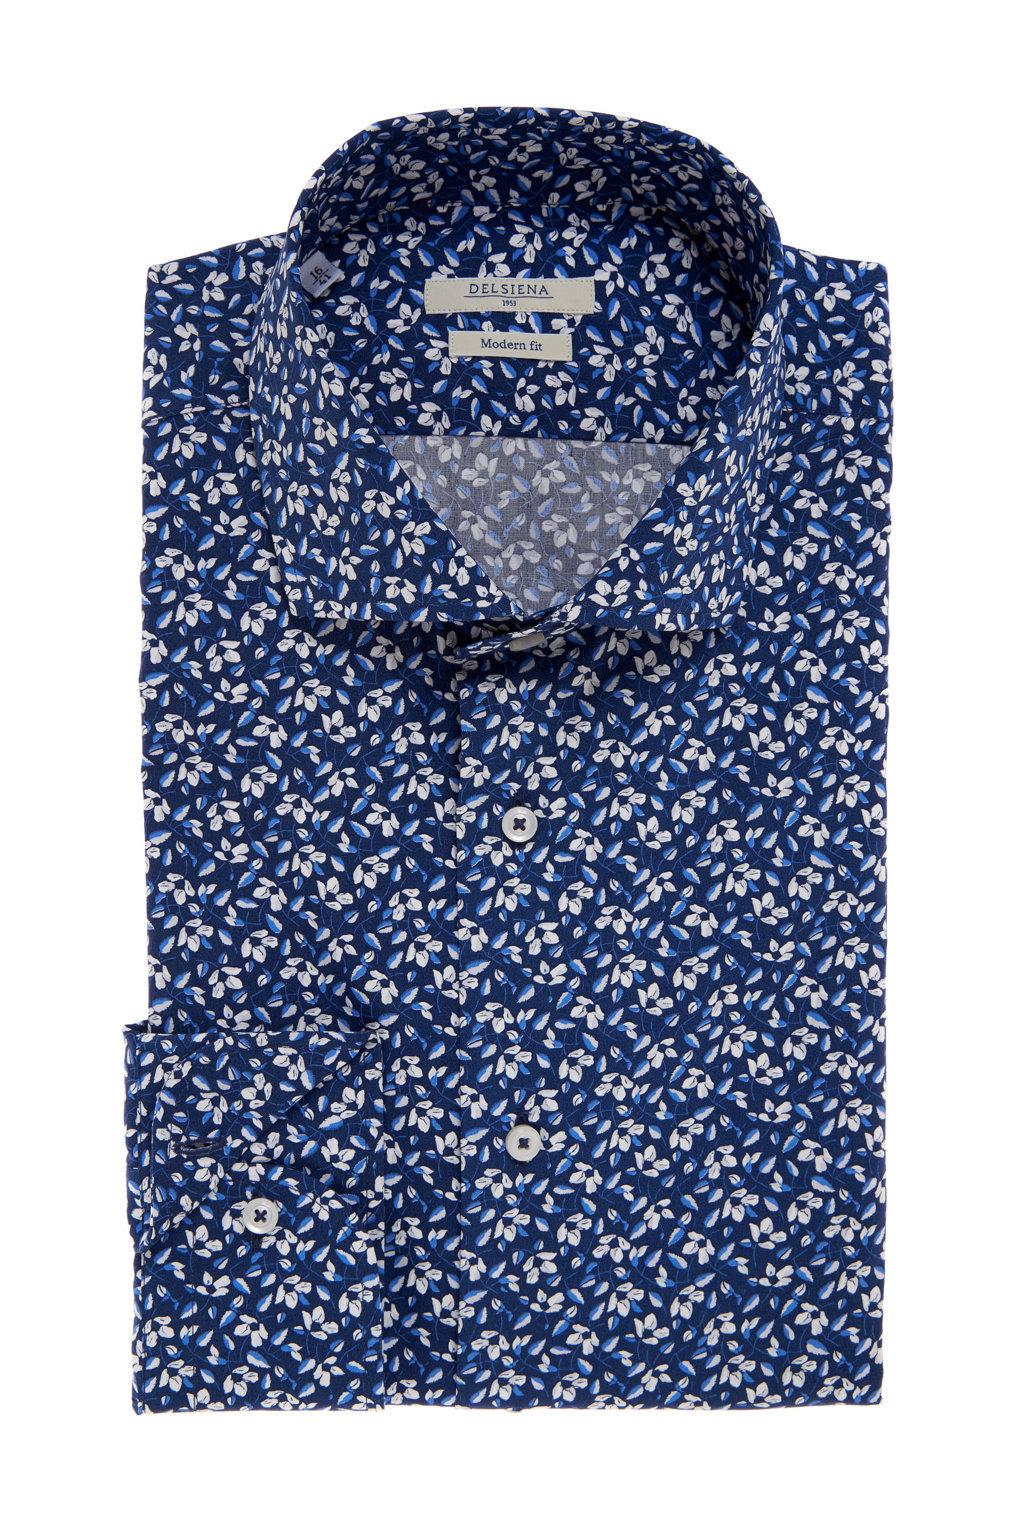 Camicia Delsiena floreale blu e bianca